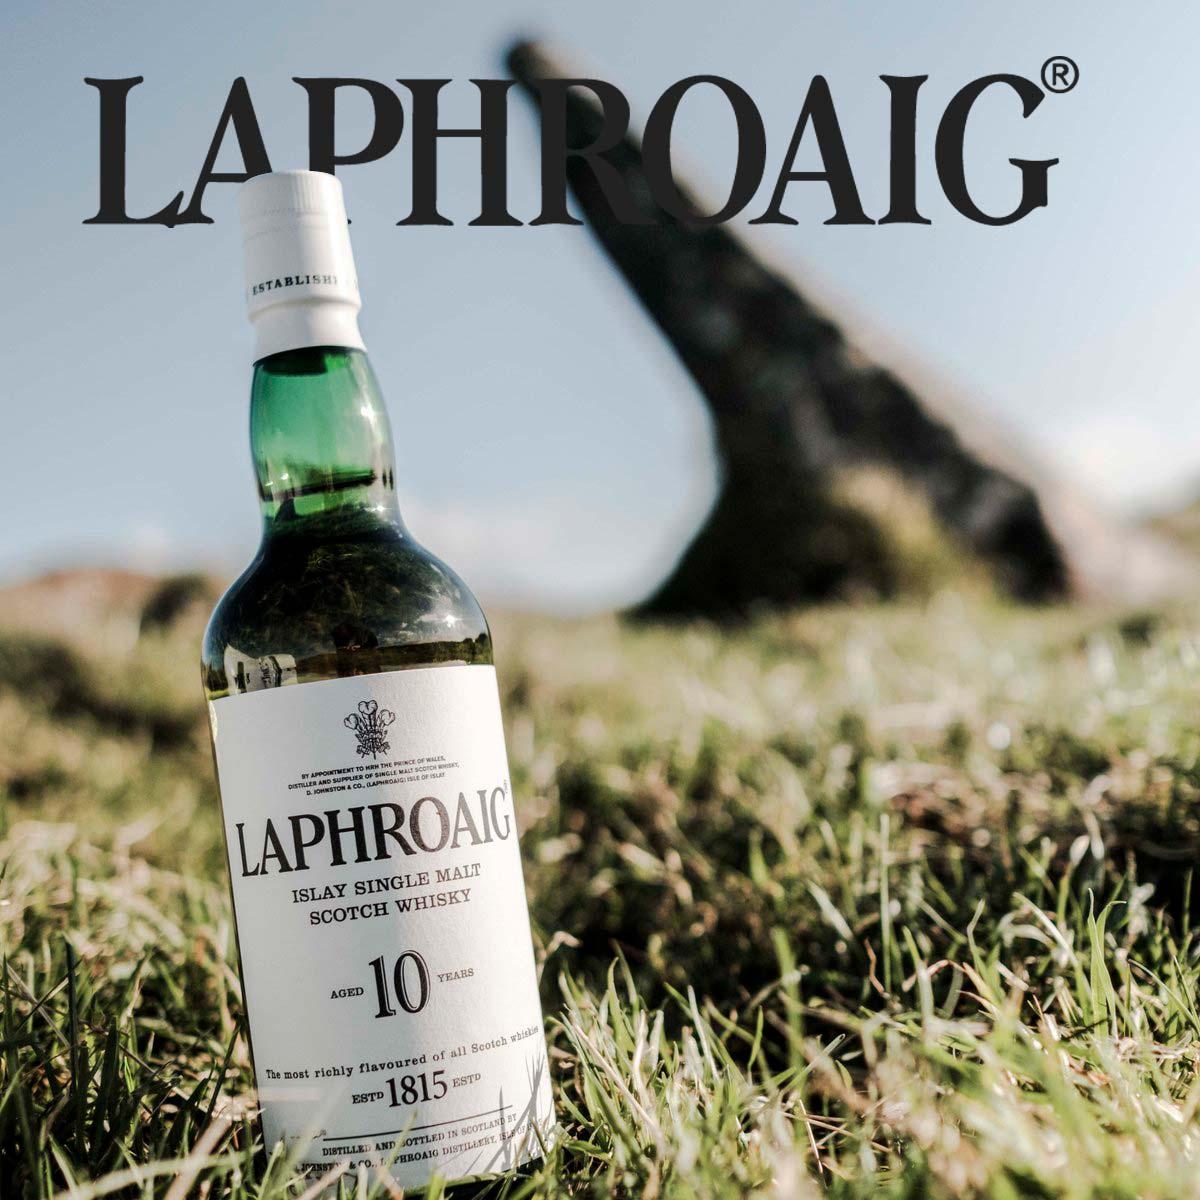 Laphroaig Tasting Experience | WineTransit.com